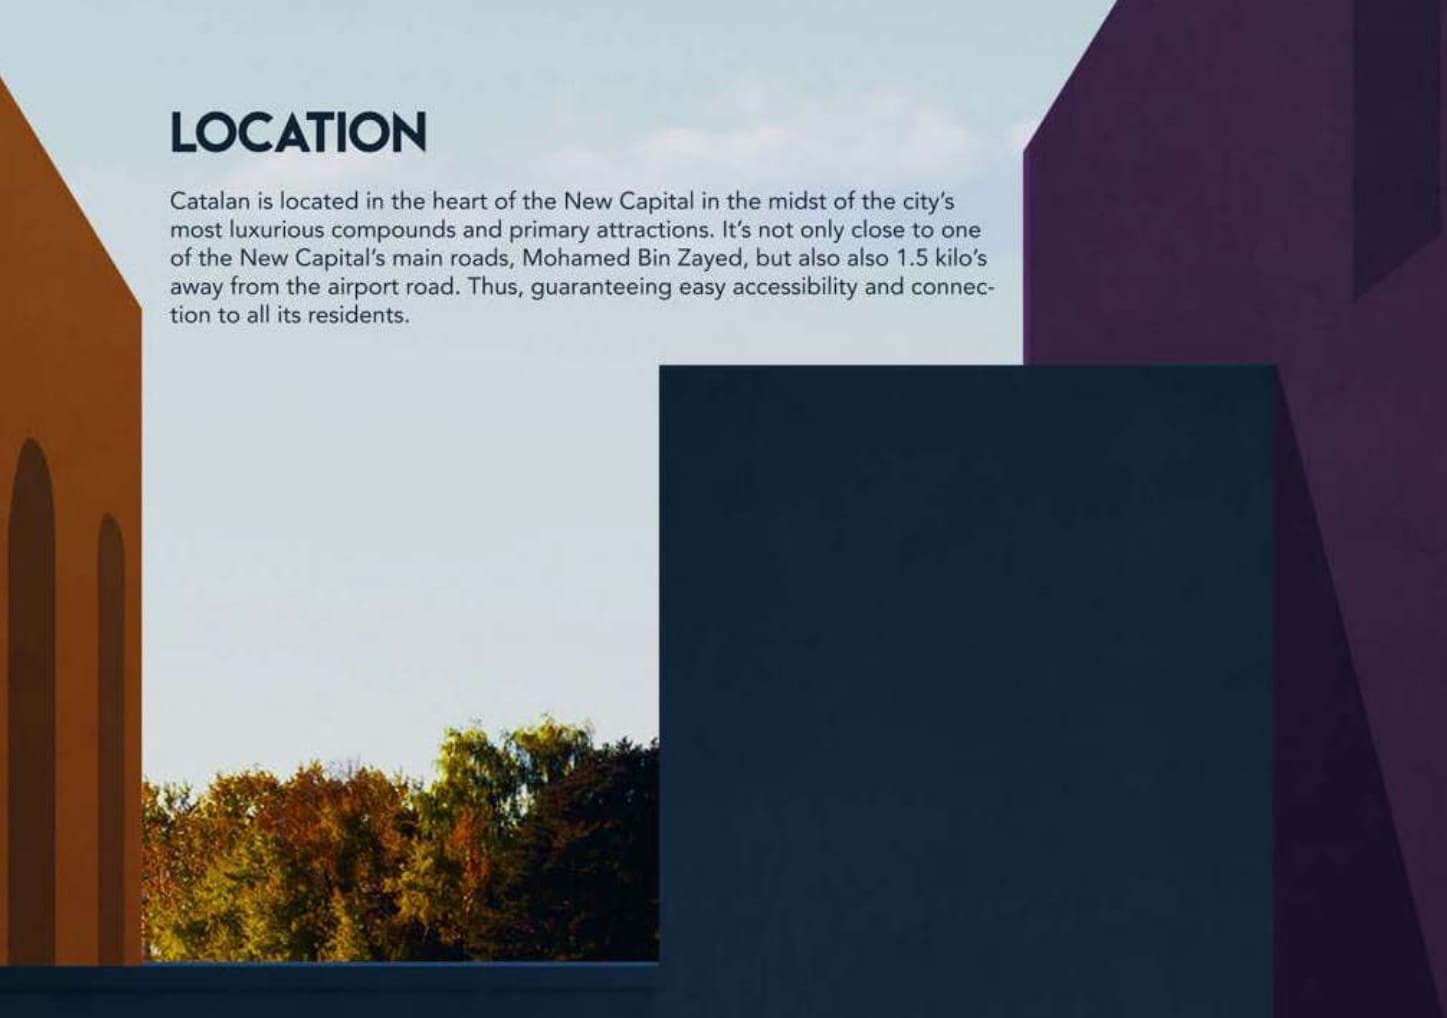 موقع كمبوند كاتلان في قلب العاصمة الادارية